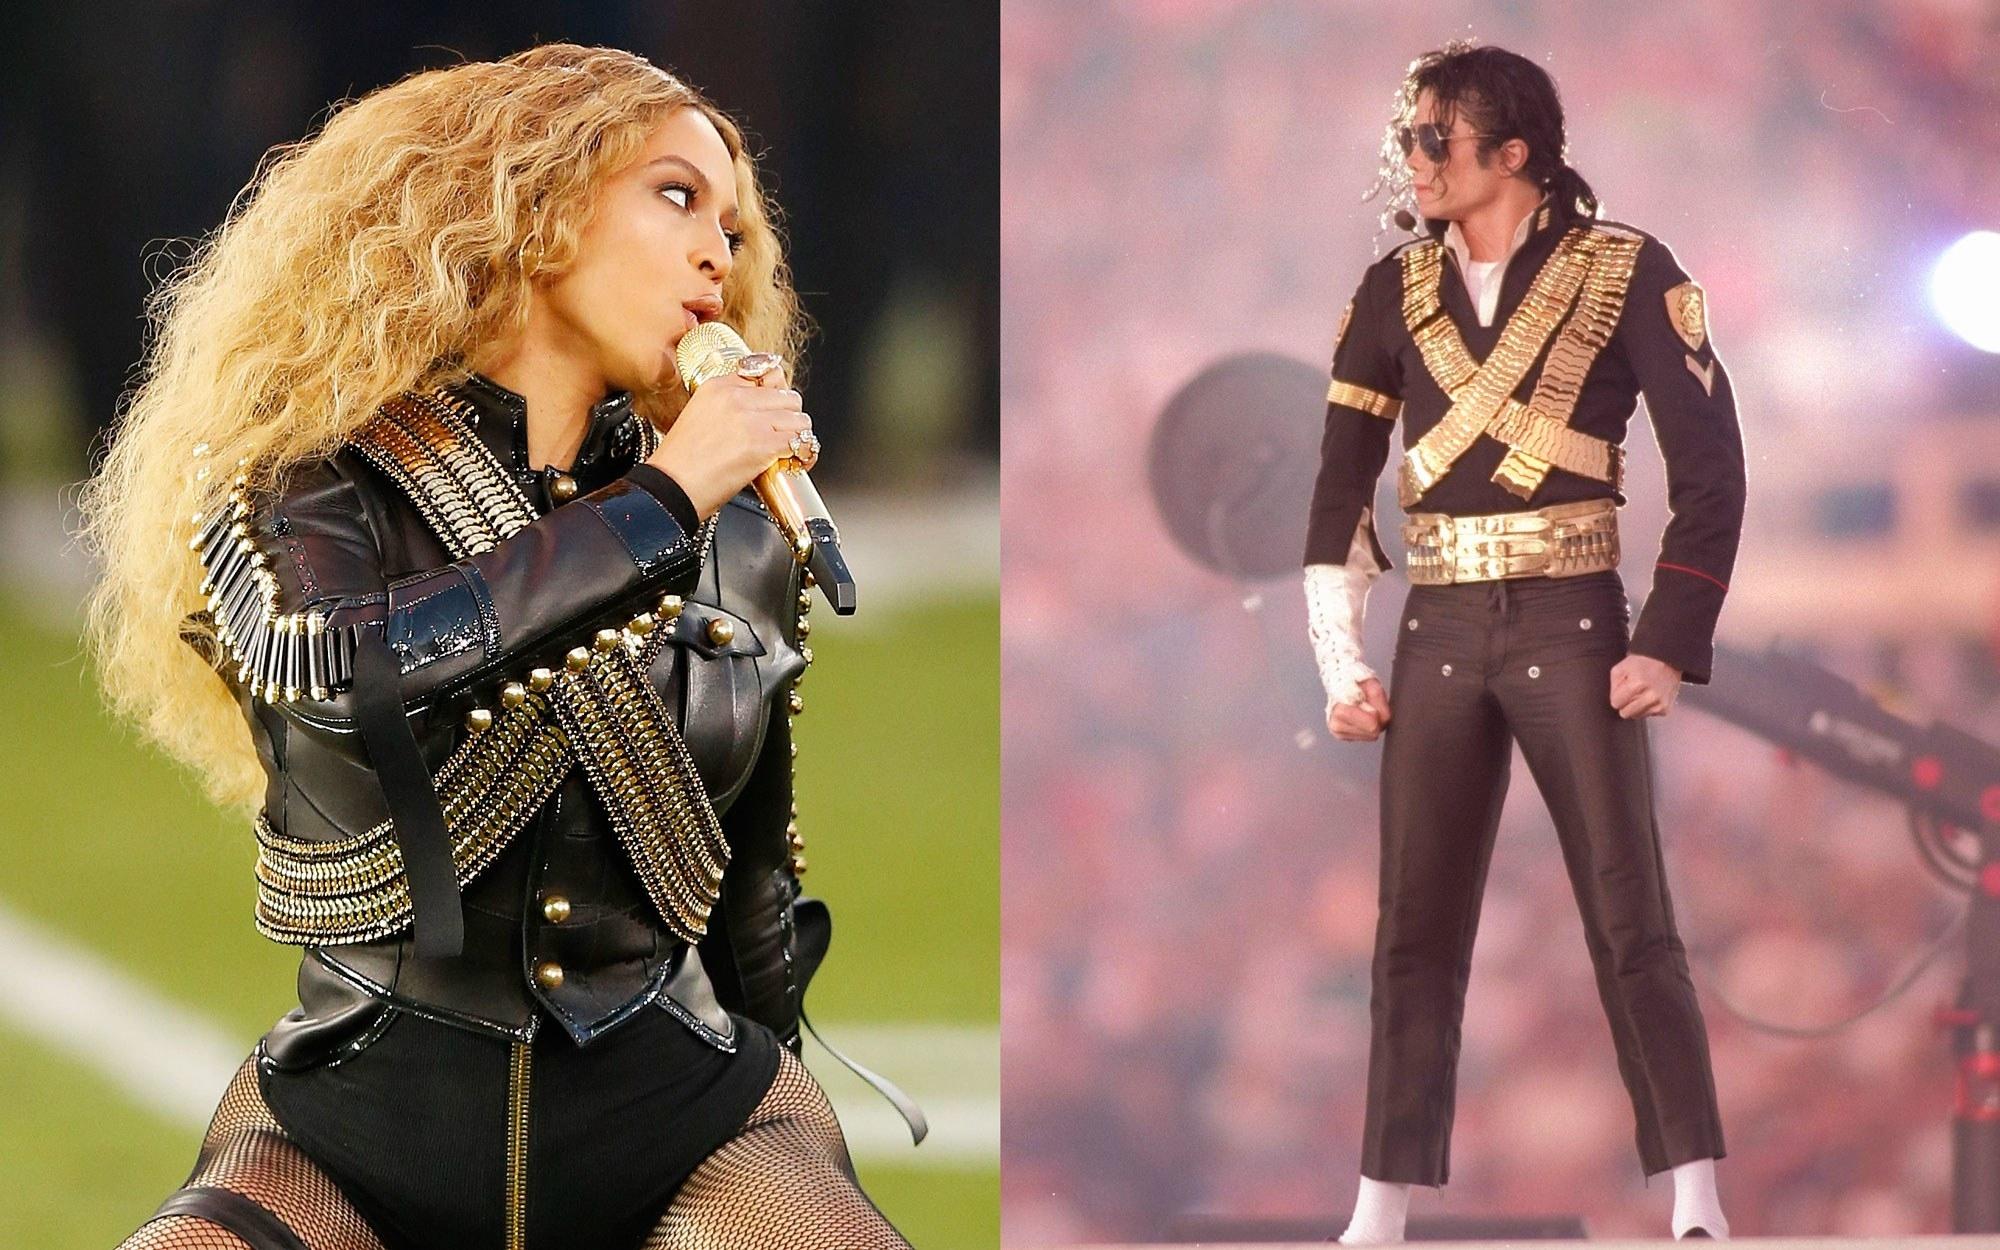 Beyoncé Channels Michael Jackson For The Super Bowl 50 for Michael Jackson Super Bowl